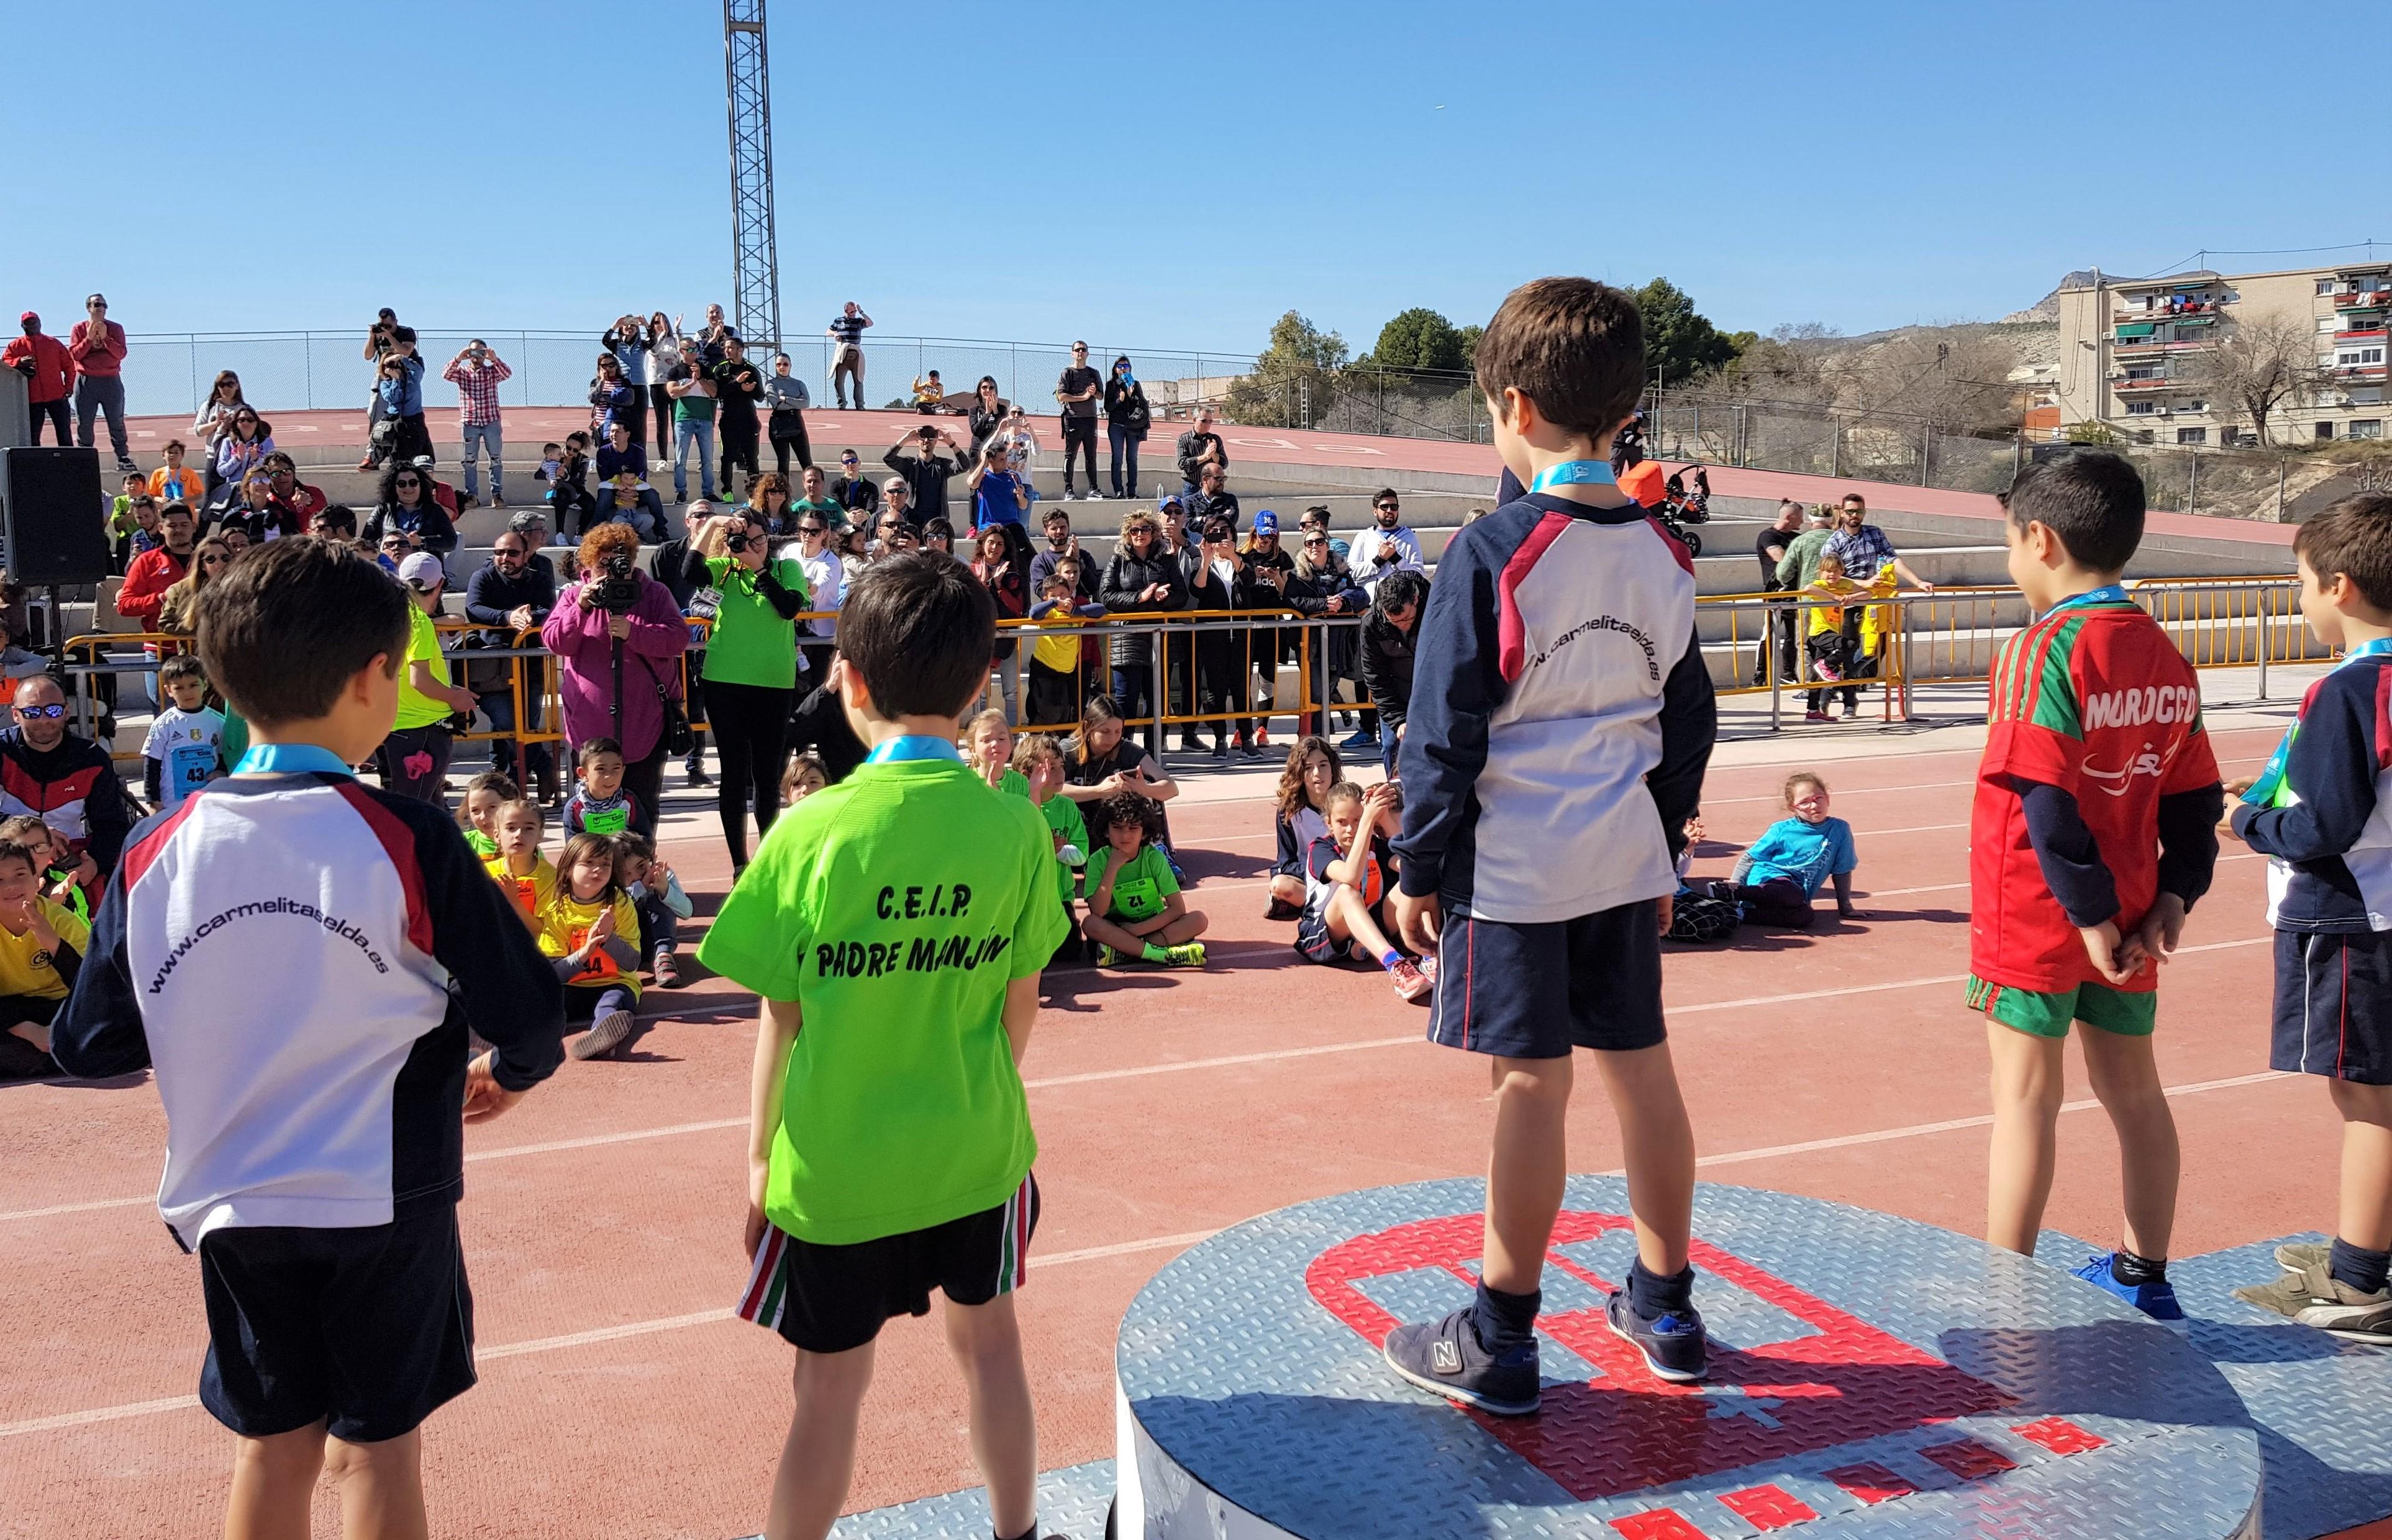 Más de 250 niños y niñas de Elda participan por primera vez en una actividad de iniciación al atletismo prebenjamín